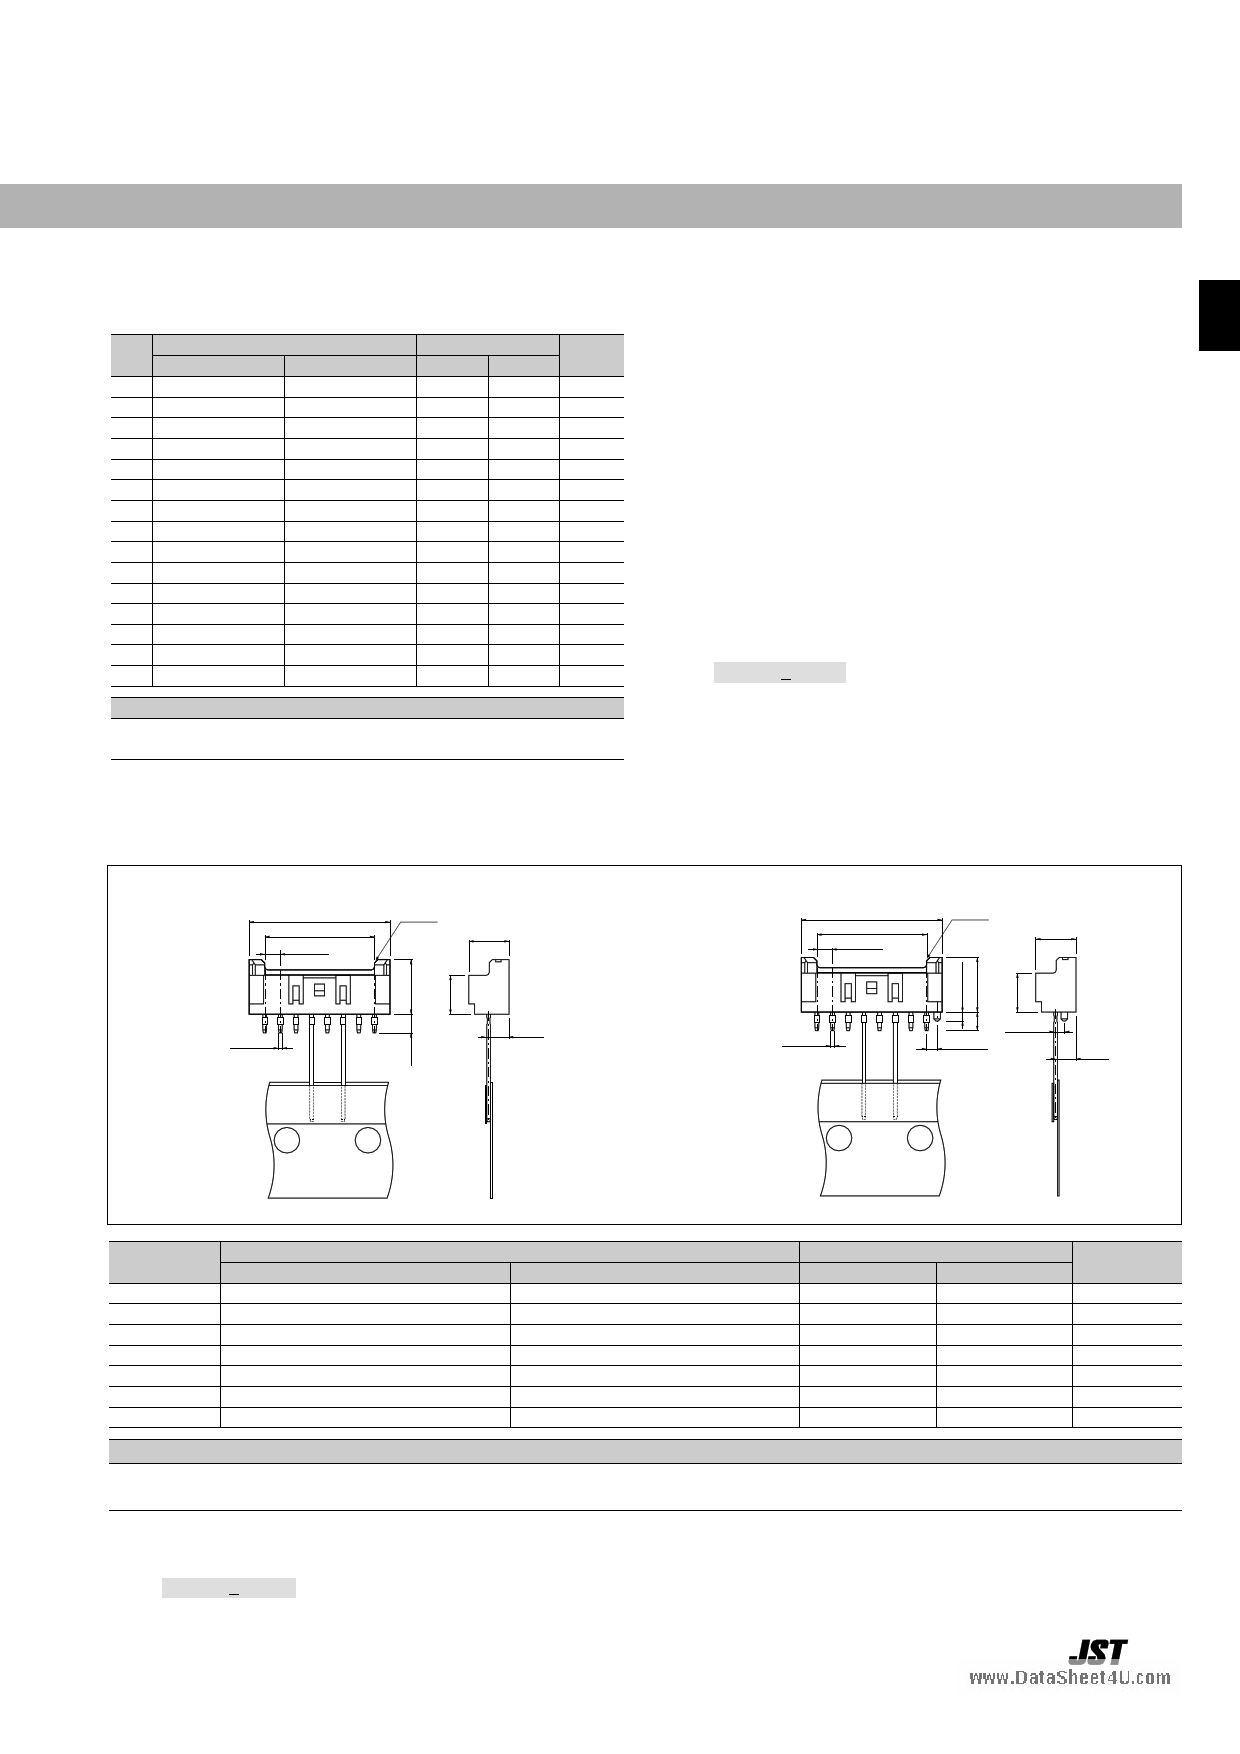 B-03B-XASS-1-T pdf, arduino